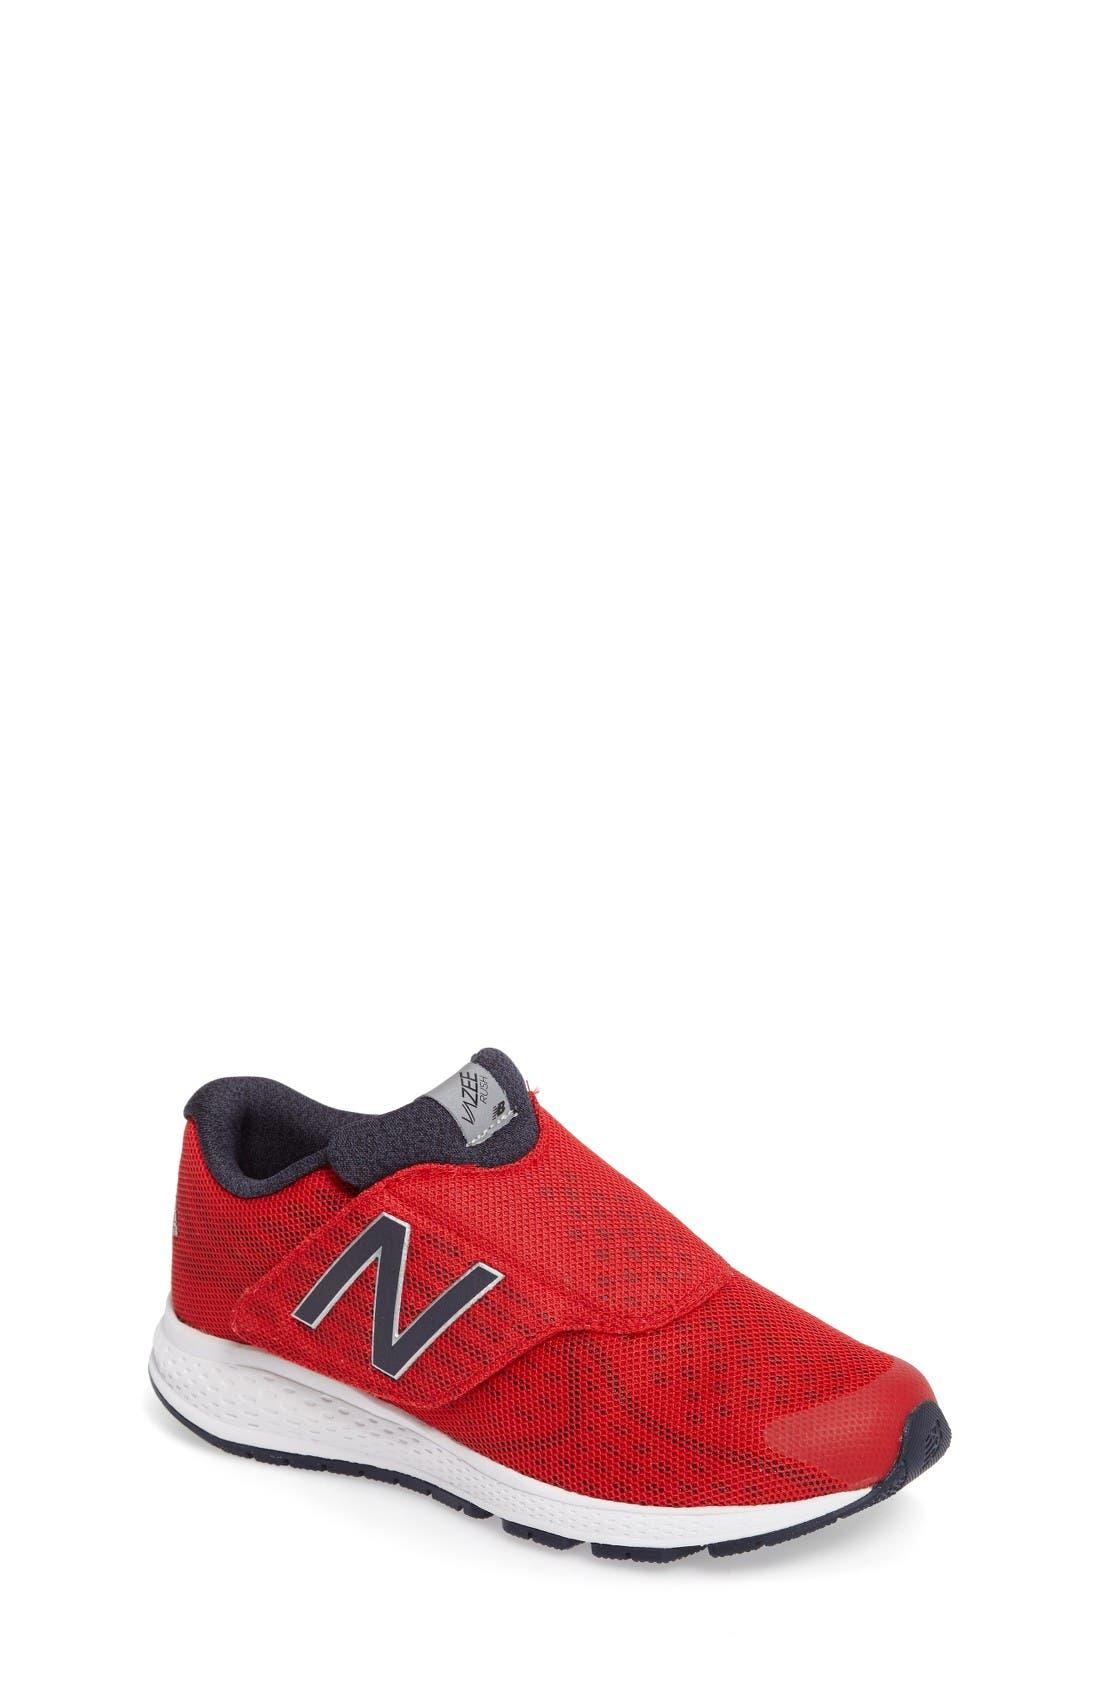 NEW BALANCE Vazee Rush V2 Sneaker